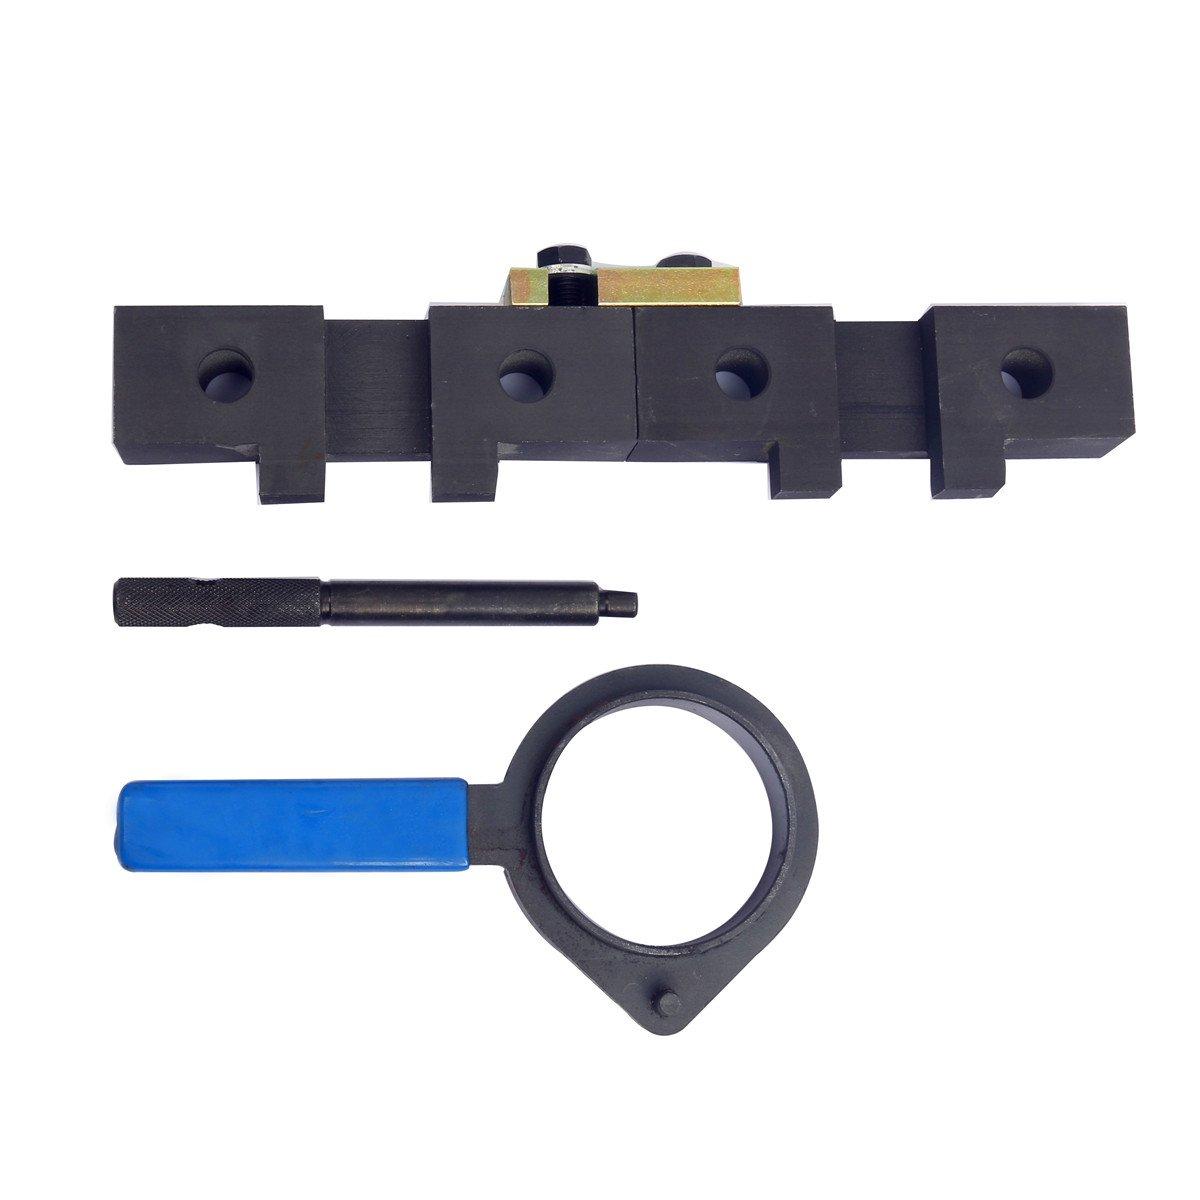 M52 VANOS FreeTec Outil de Calage de Verrouillage dAlignement de Moteur de Soupape dArbre /à Cames compatible avec BMW M50